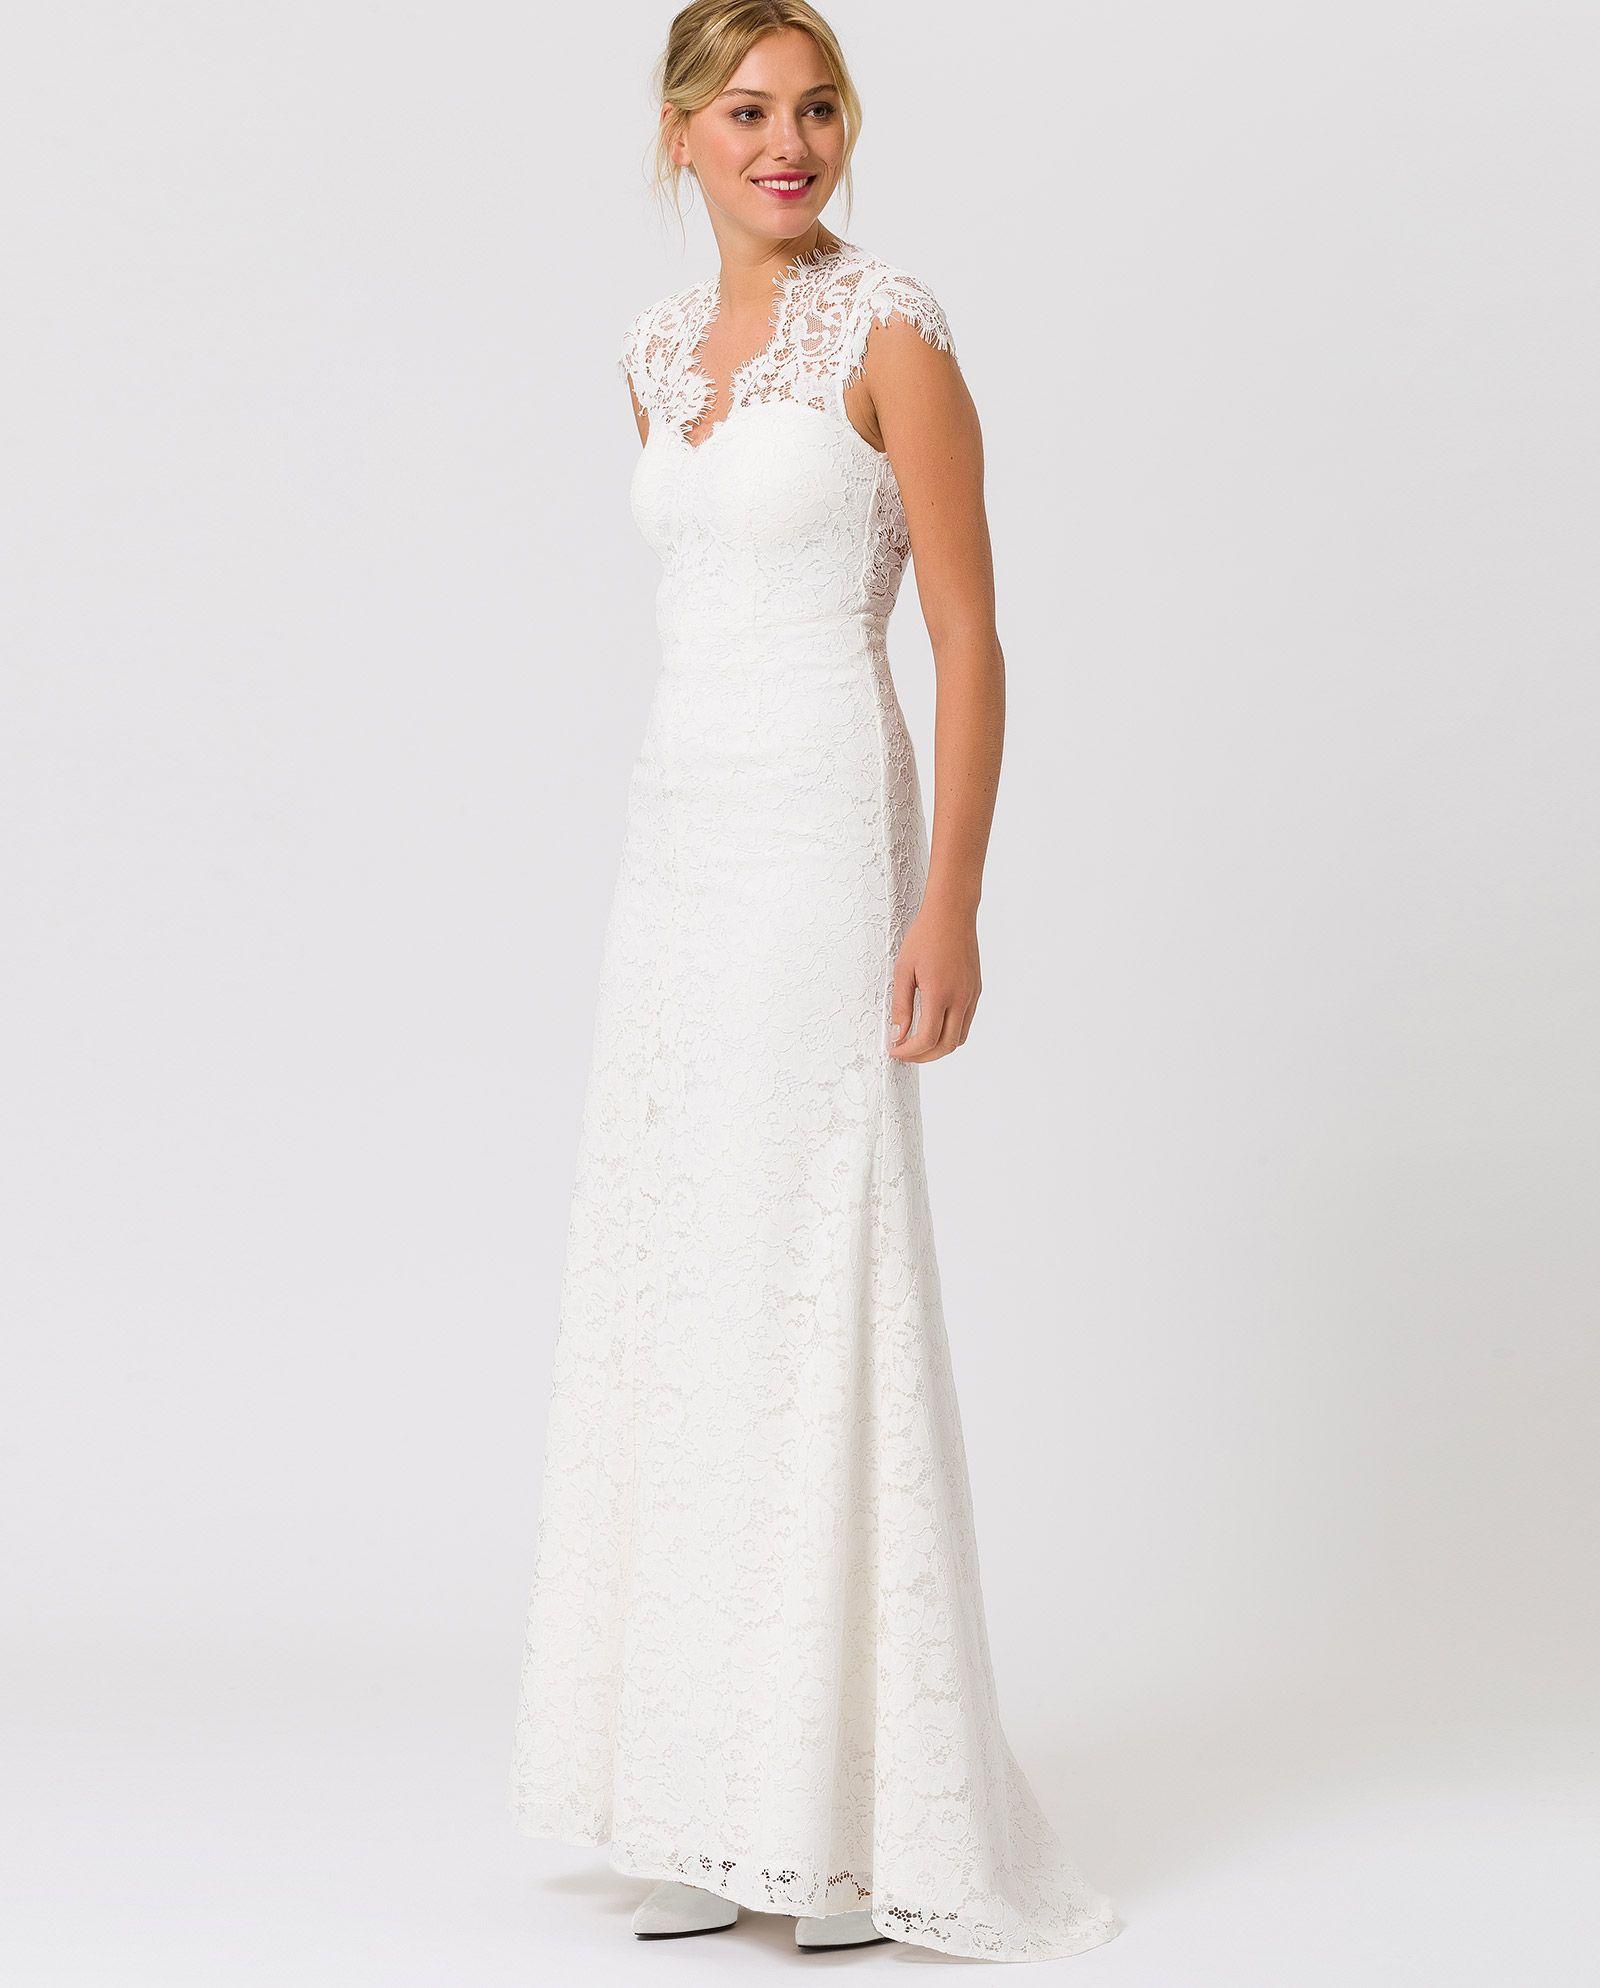 Bridal Lace Dress | Pinterest | Brautkleid spitze, Brautkleid und ...